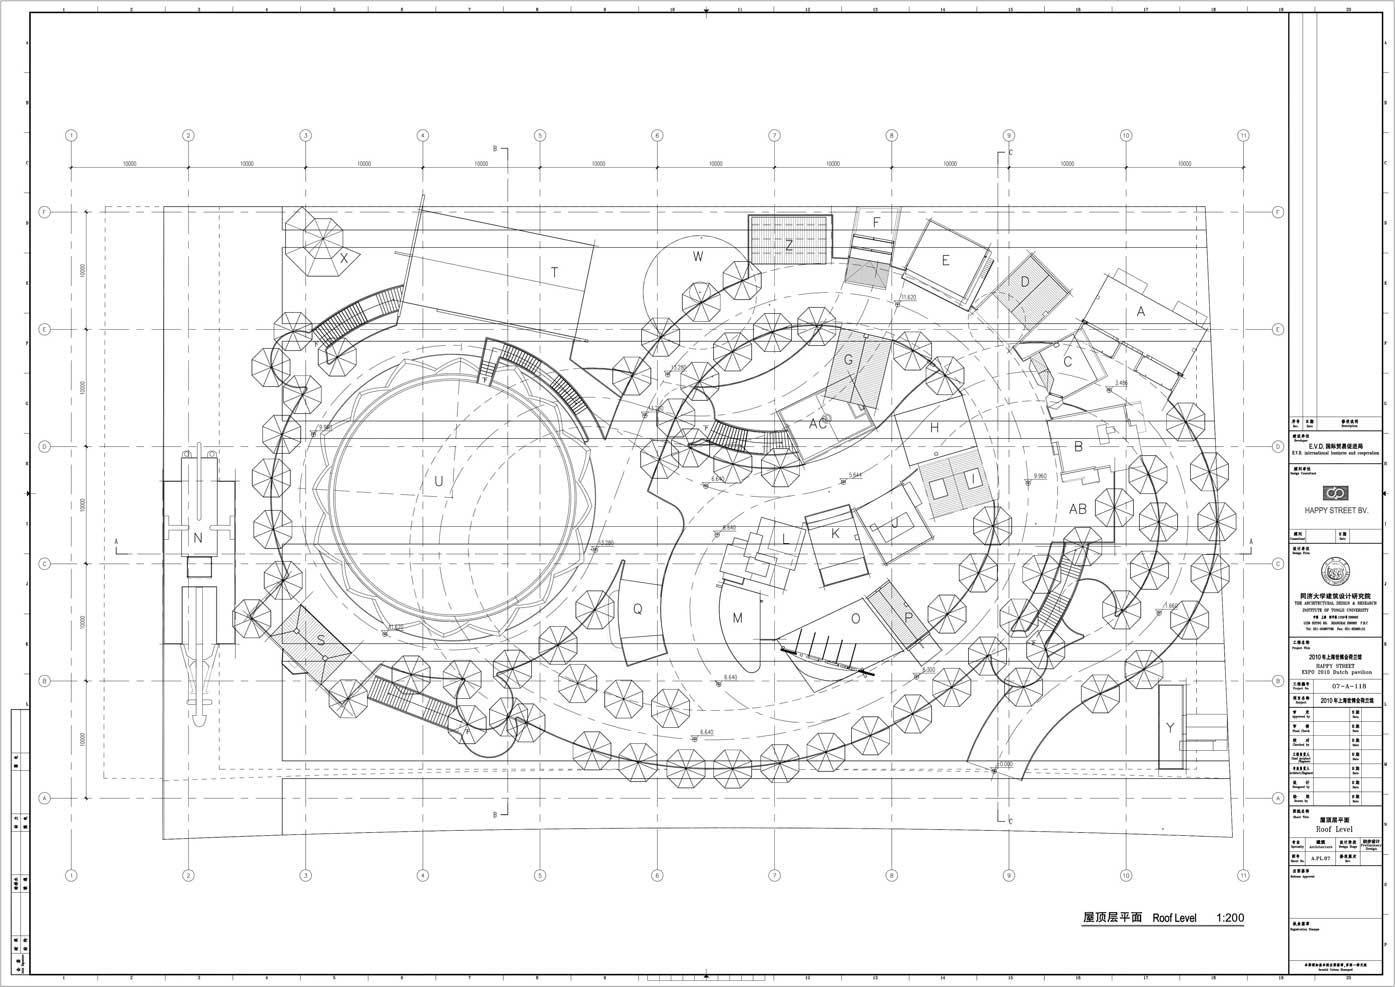 Pavilion Roof Plans Images